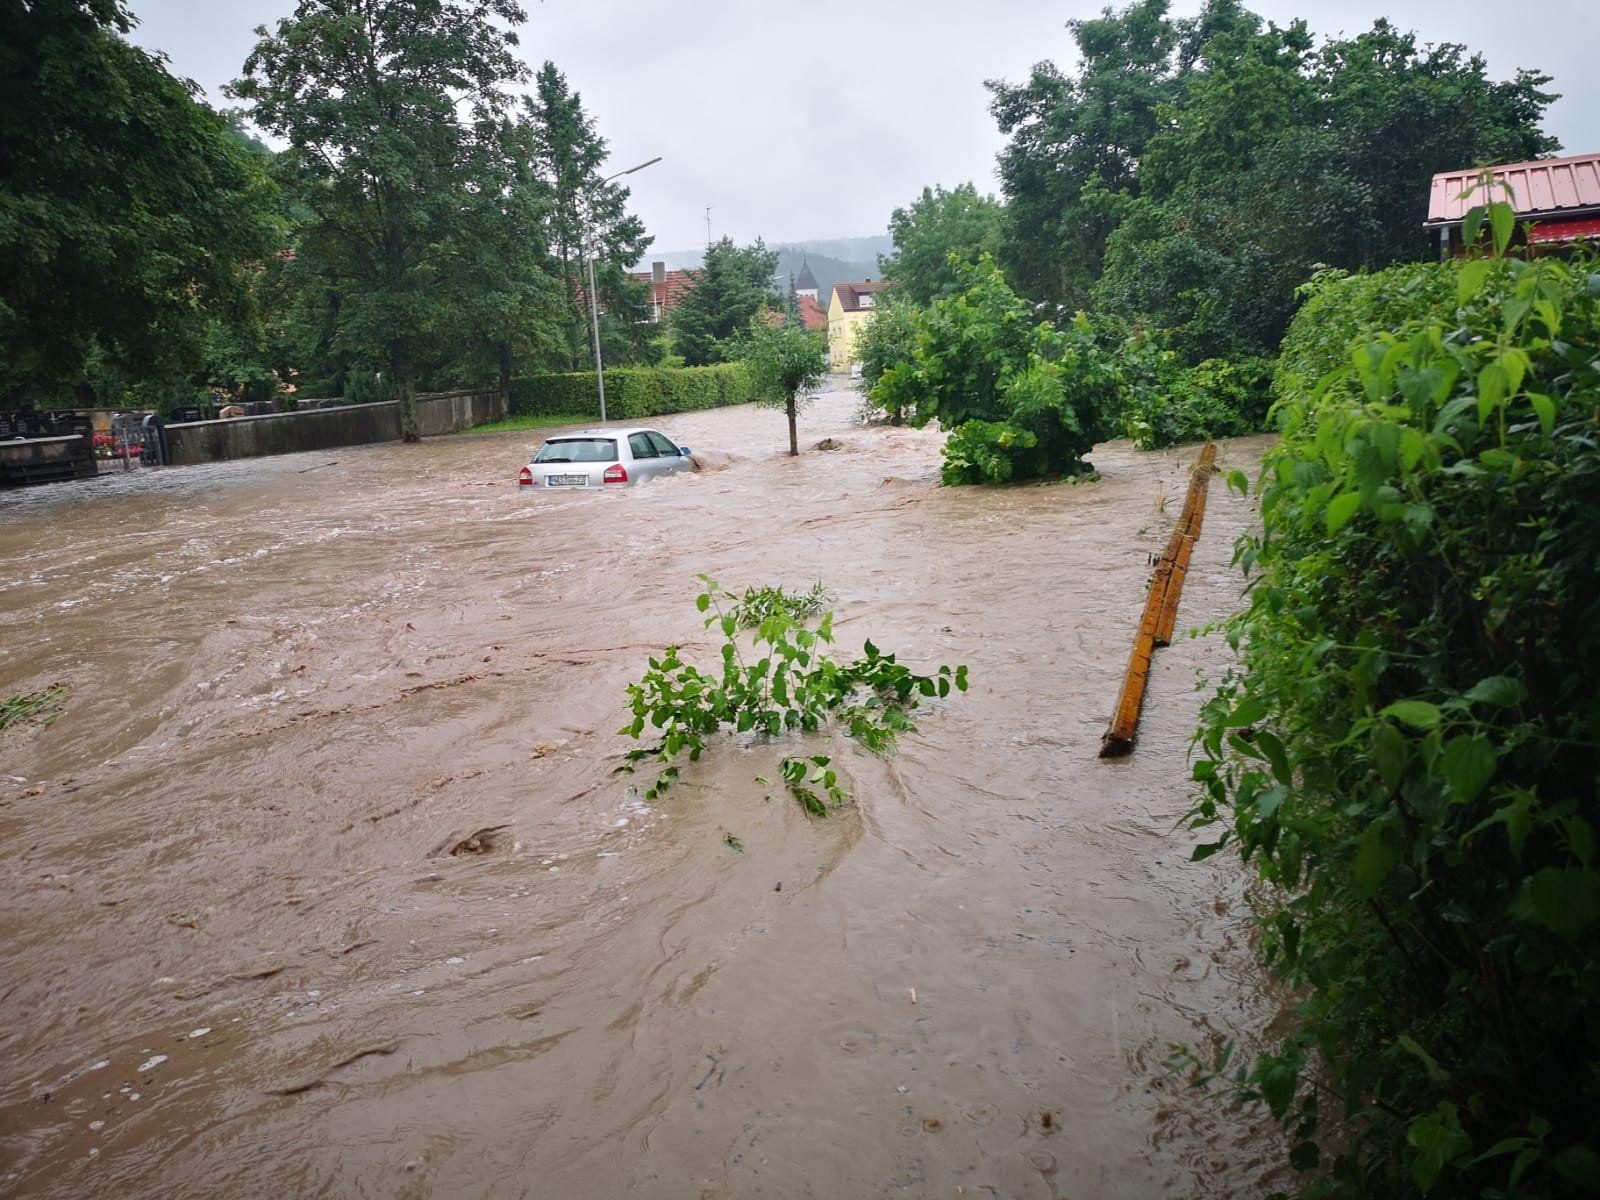 Anhaltende Regenfälle in Franken